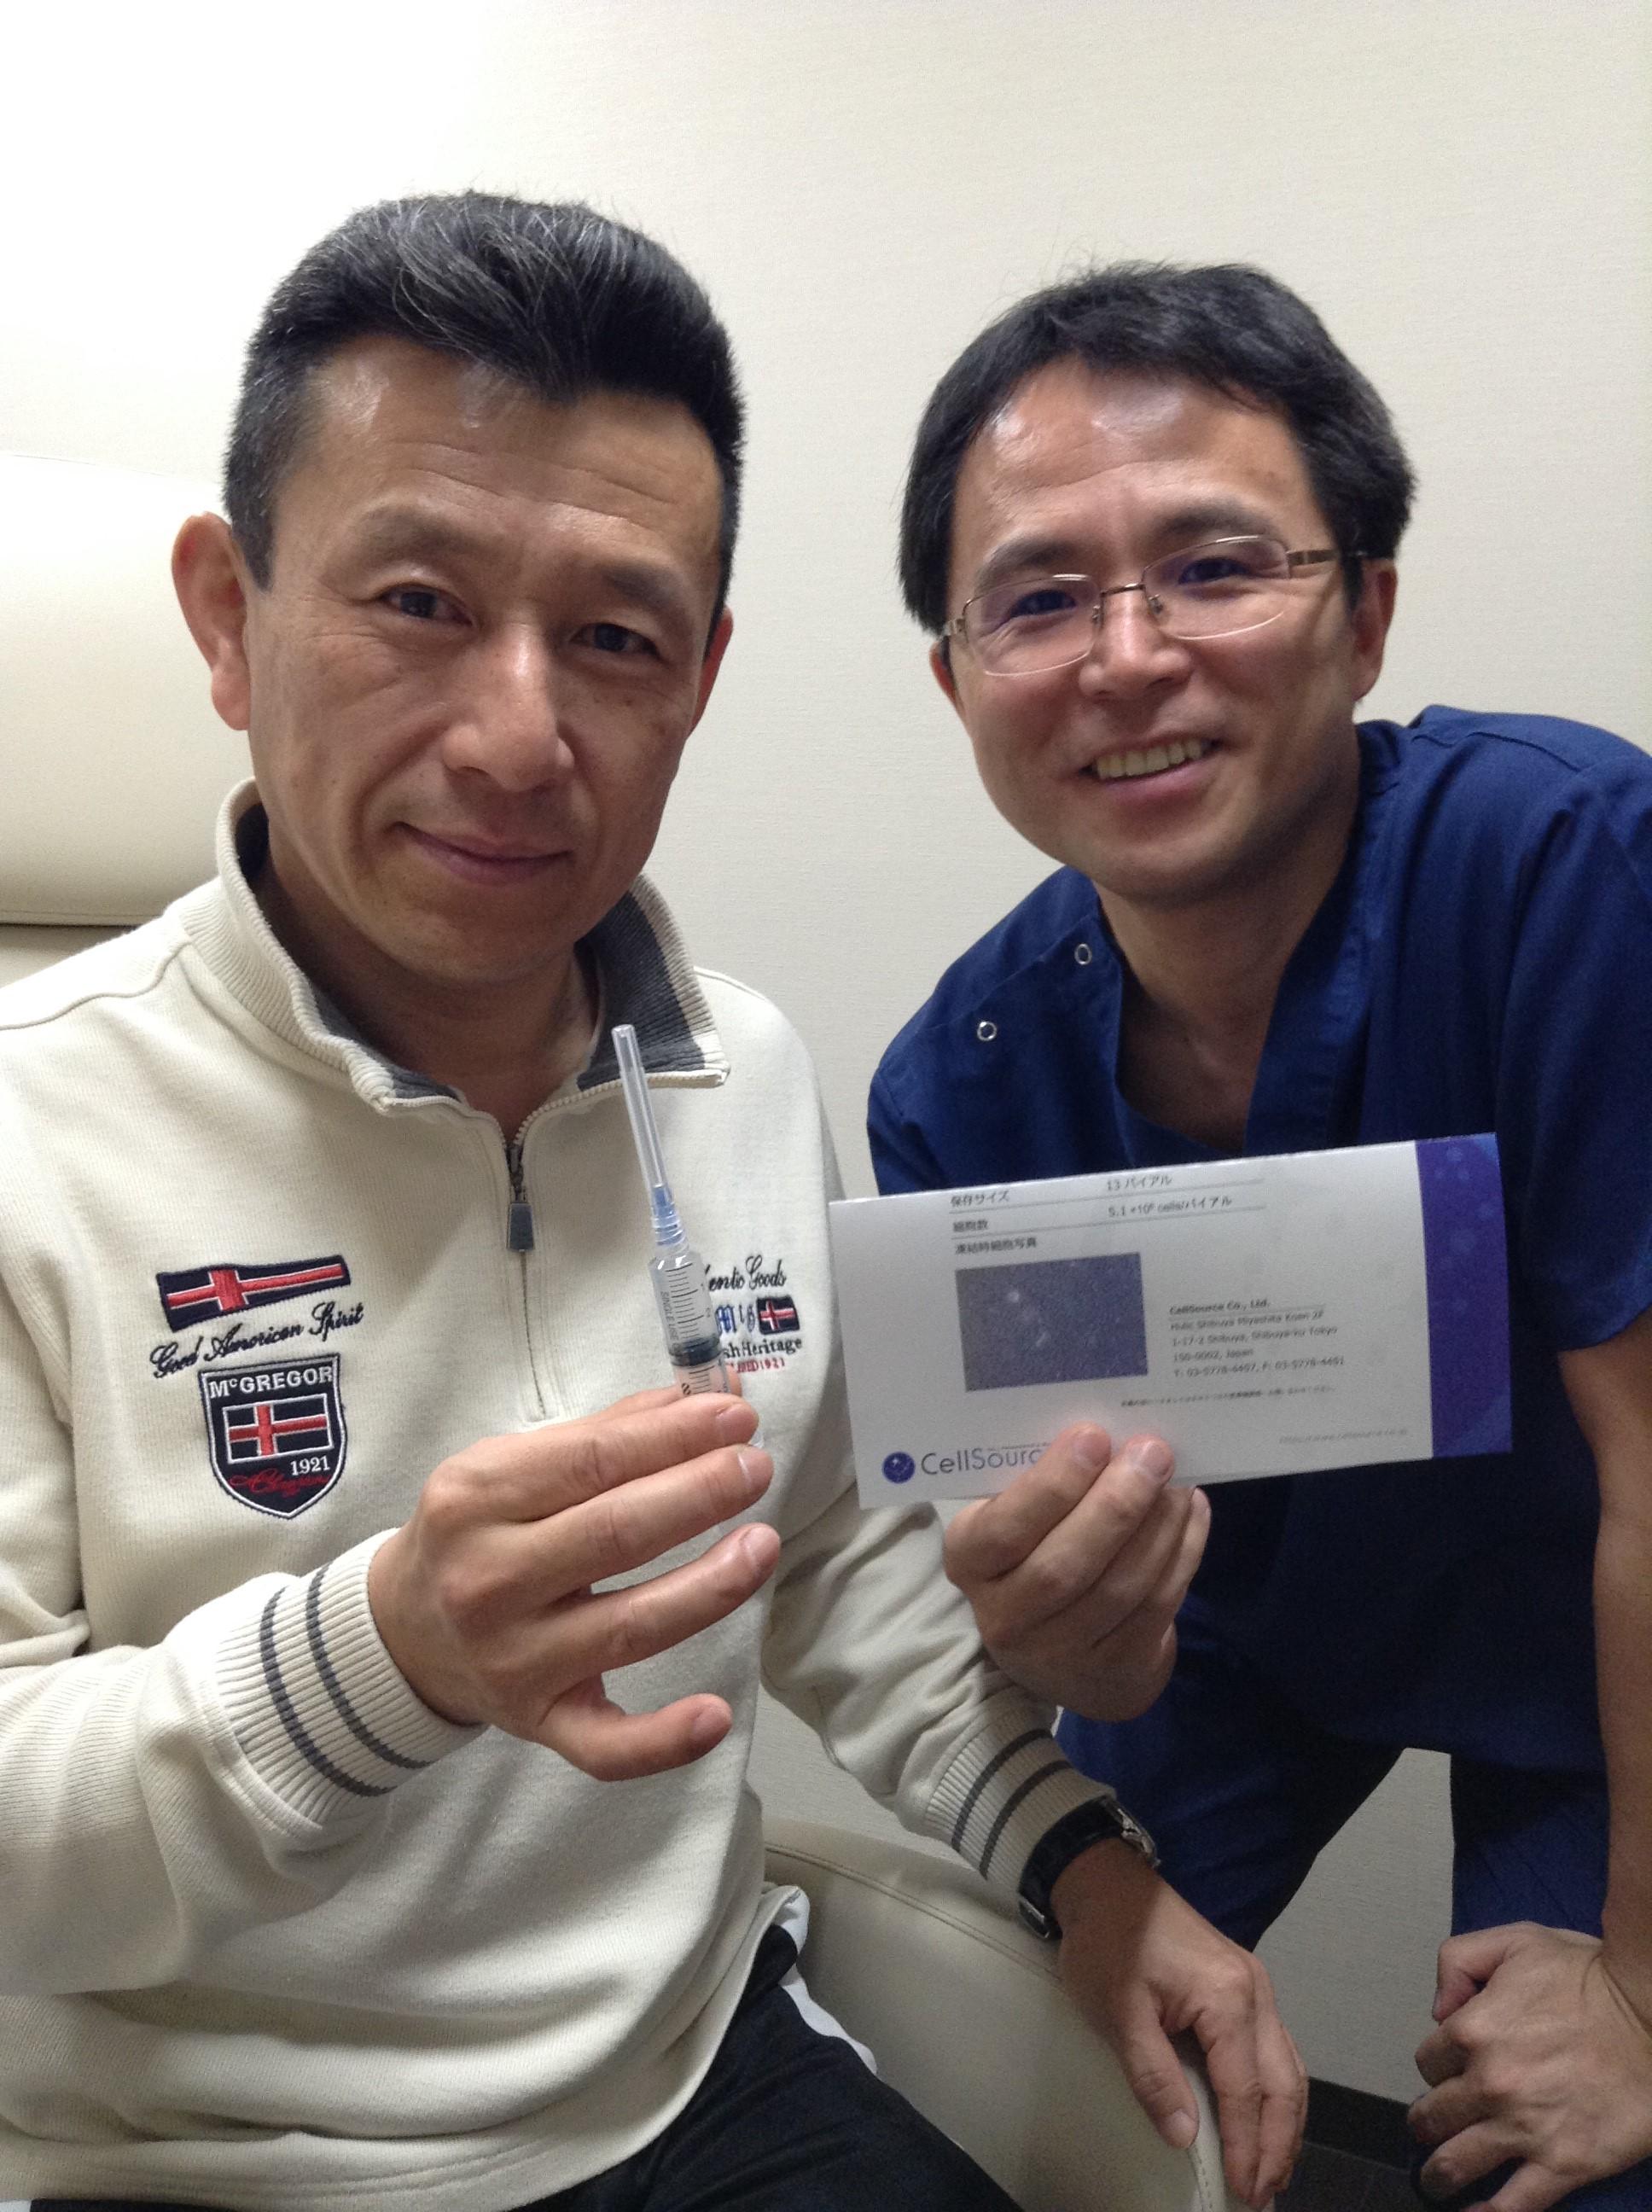 培養幹細胞治療の患者さまとドクター